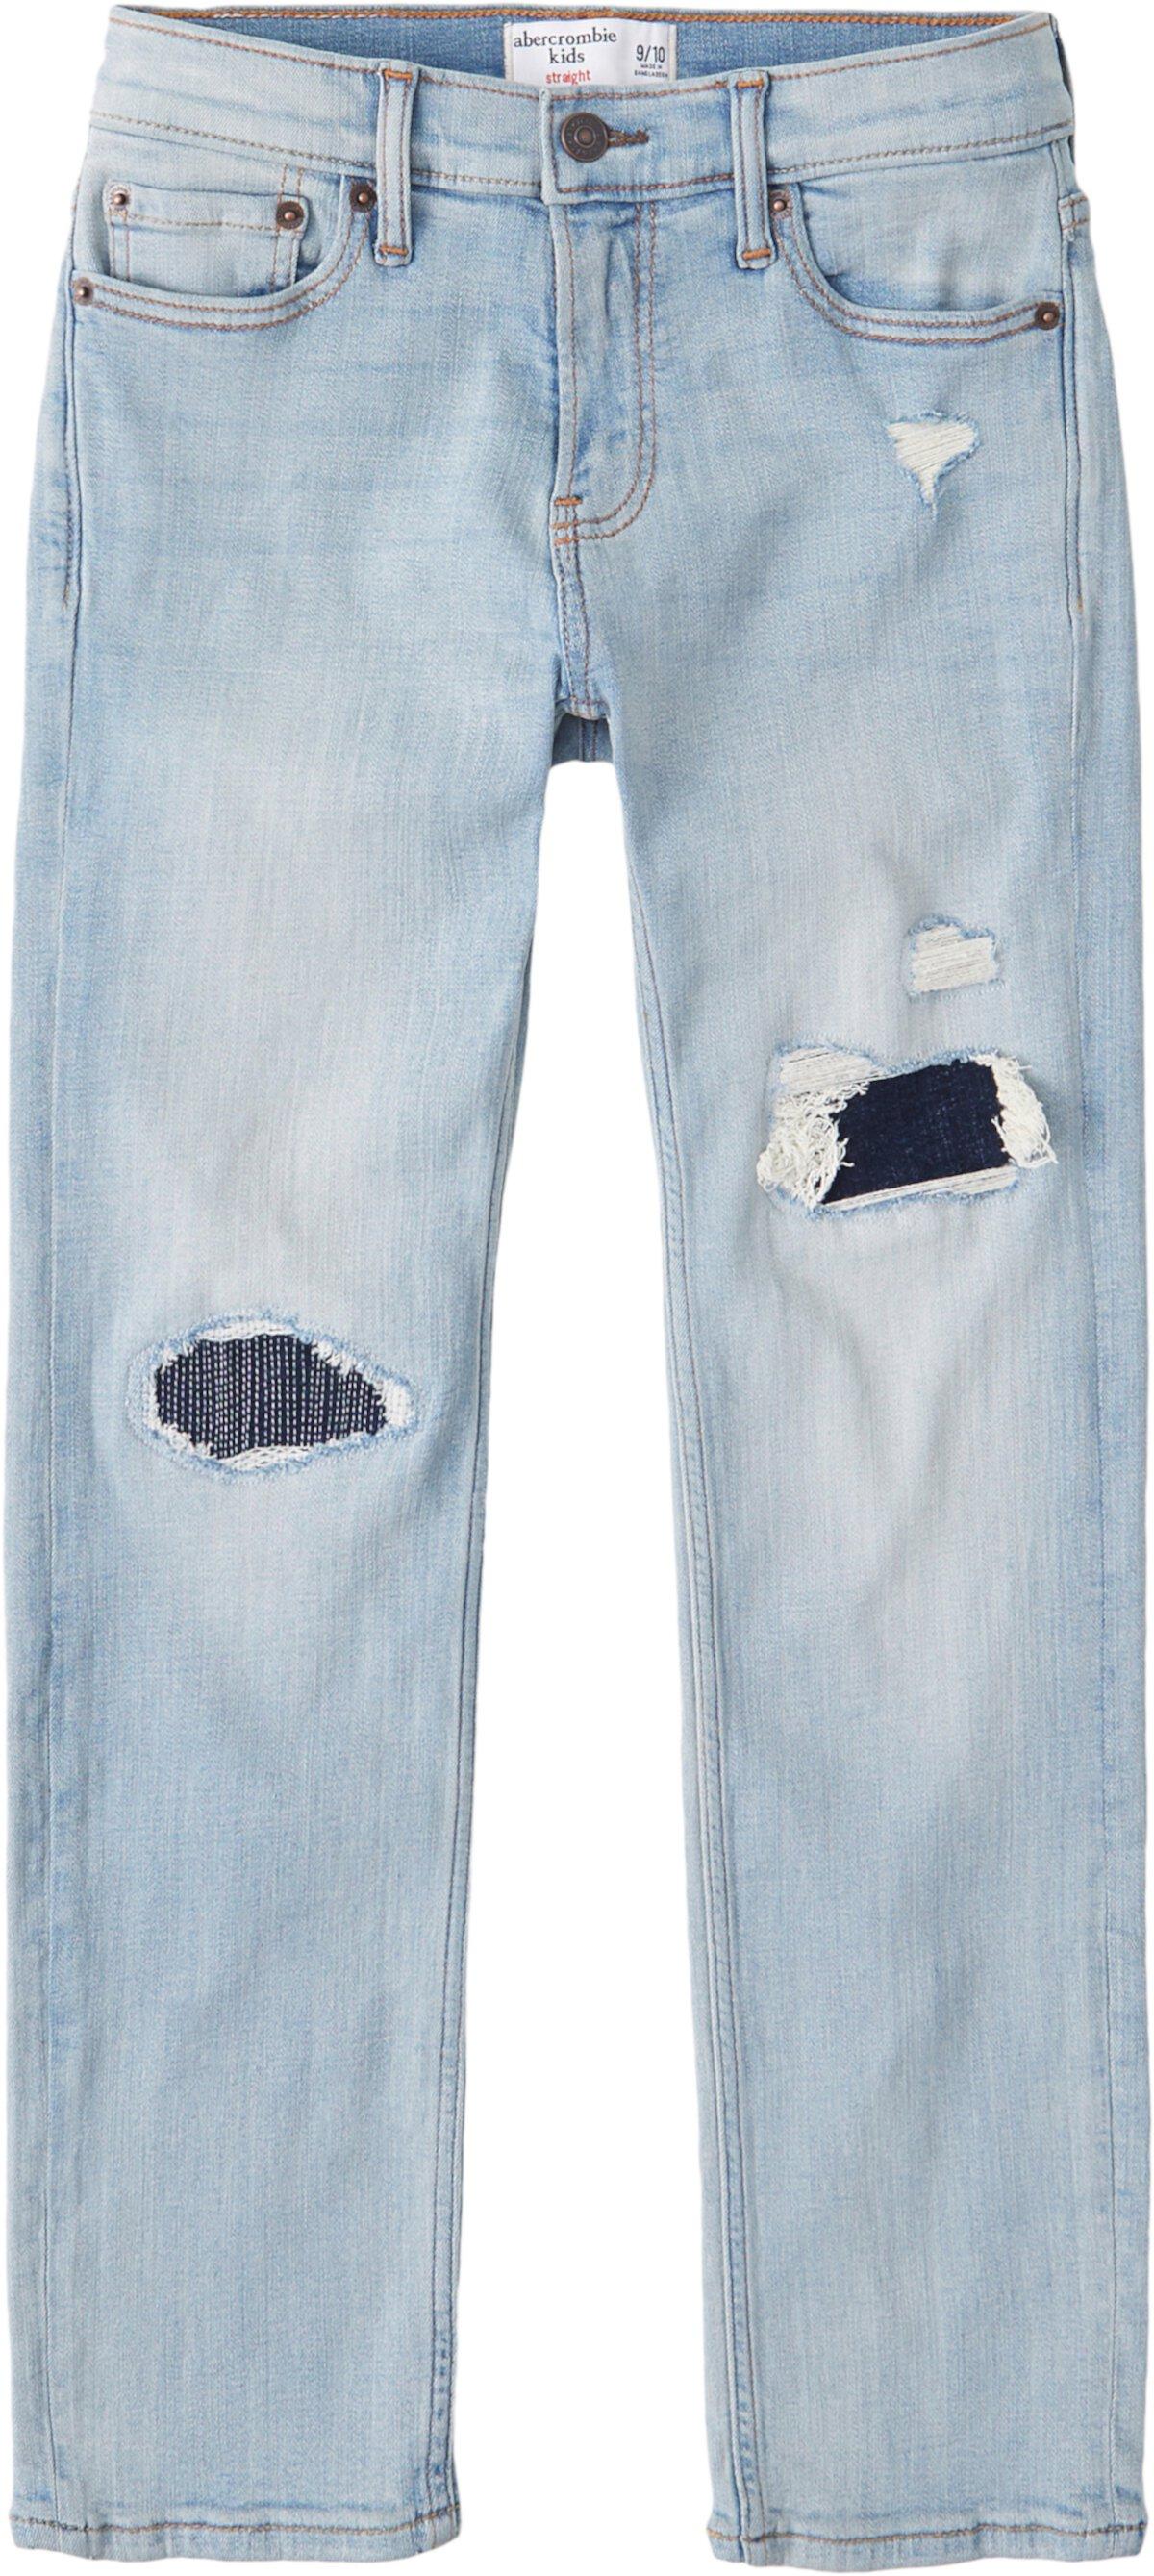 Straight Leg Destroy в темно-синем цвете (Маленькие дети / Старшие дети) Abercrombie kids